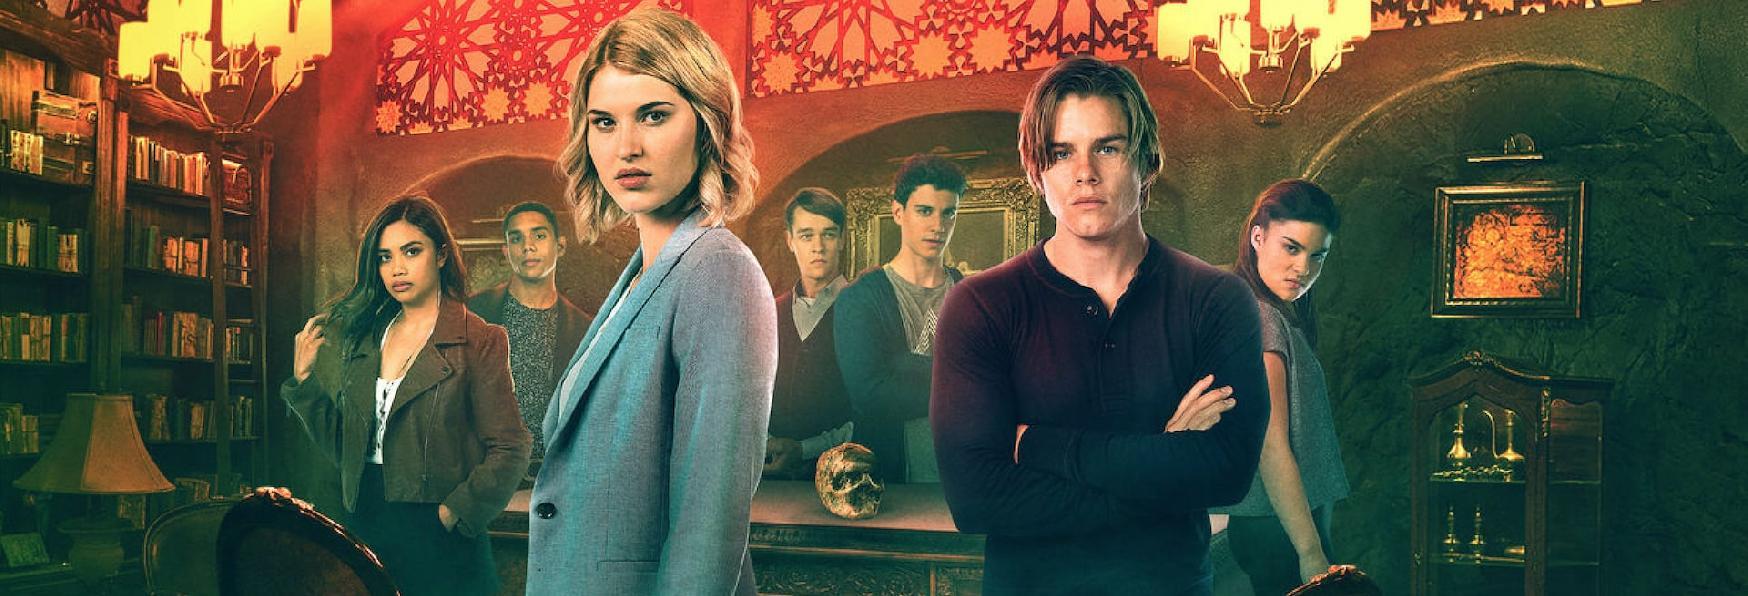 The Order: la Serie Netflix è stata Rinnovata per una 2° Stagione